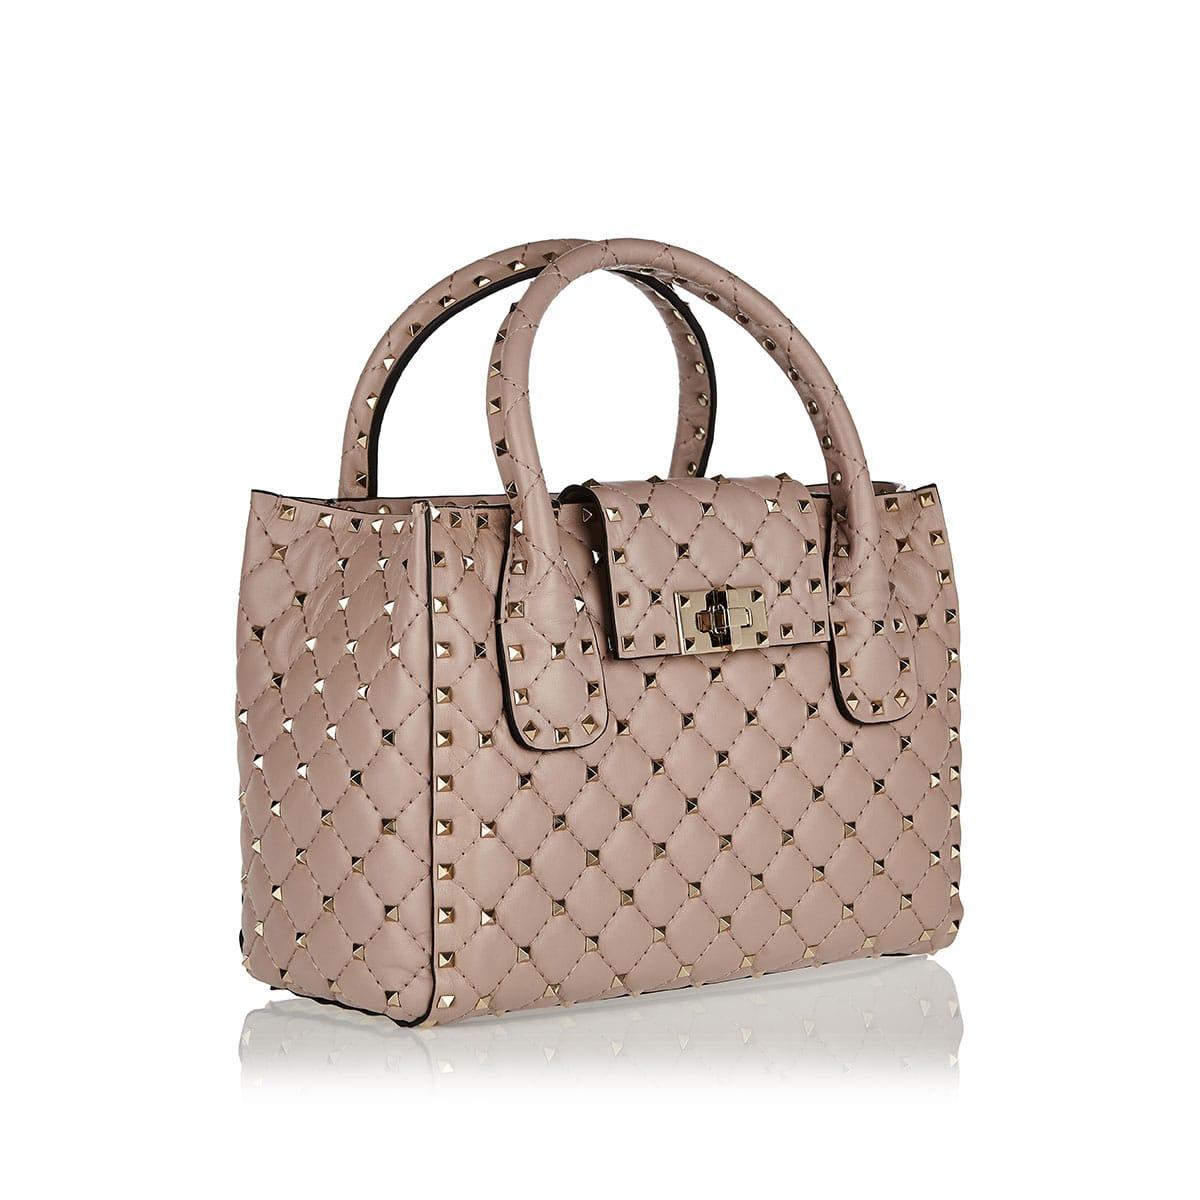 Rockstud SM leather handbag